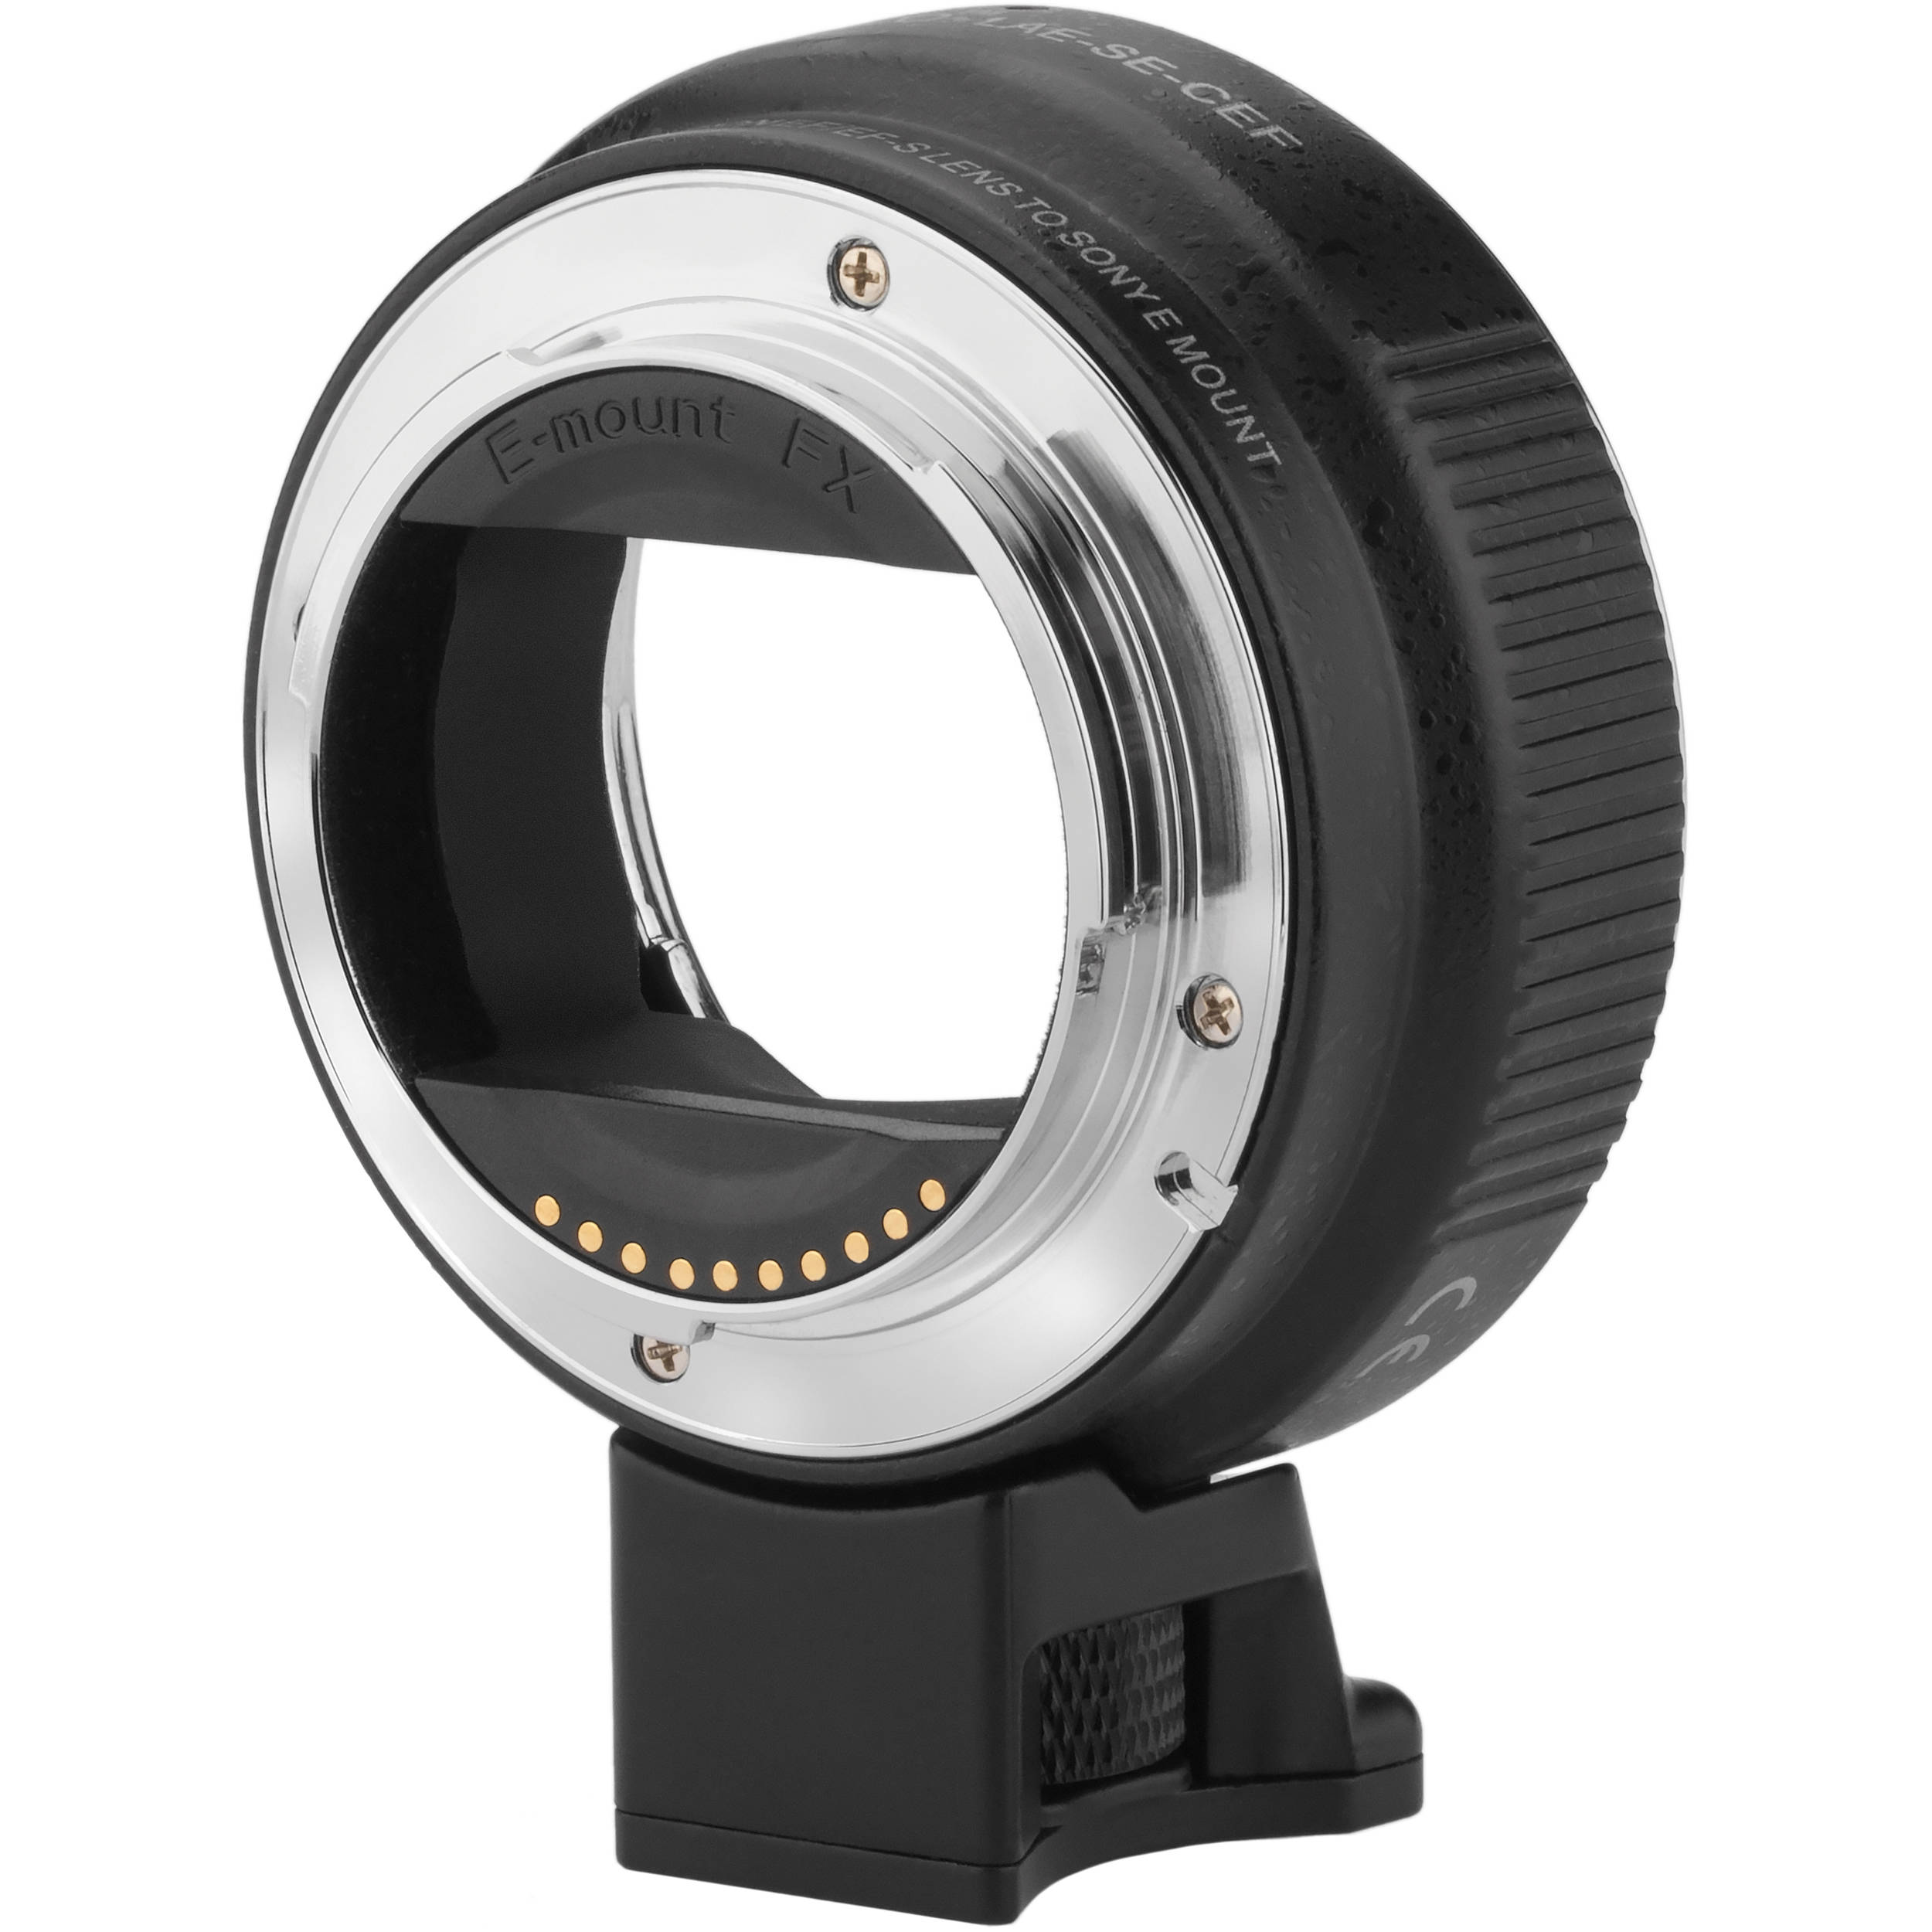 Vello Canon EF/EF-S Lens to Sony NEX Camera Adapter Camera & Photo ...